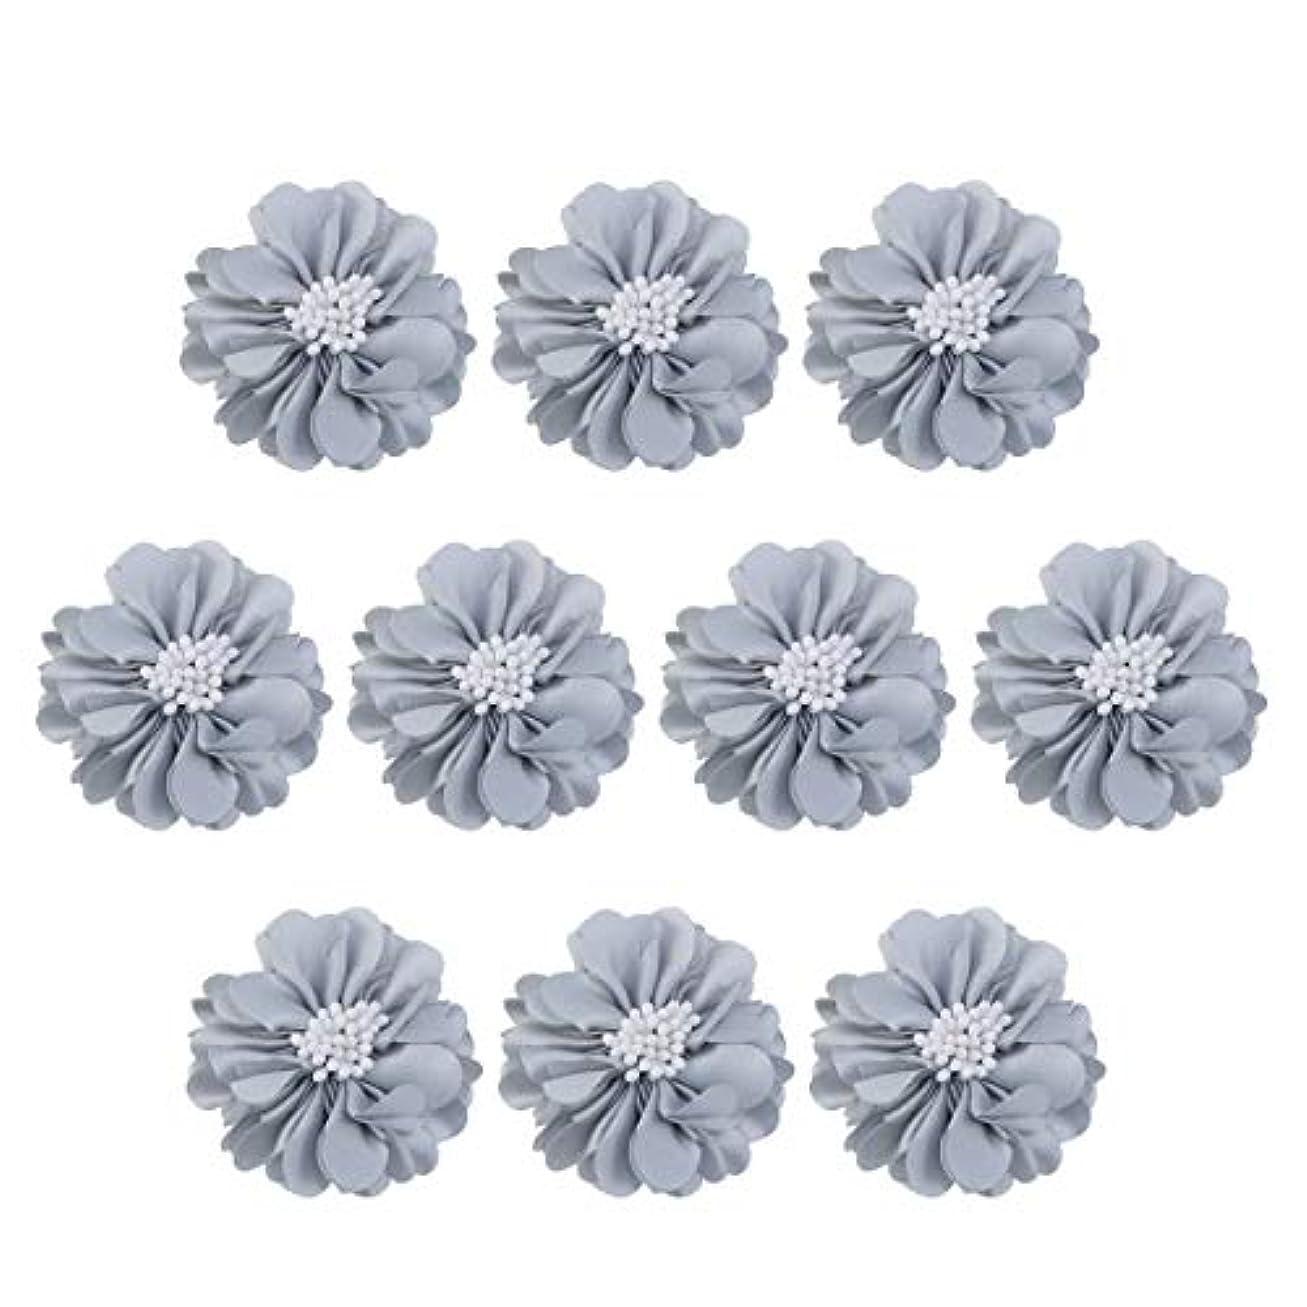 明確に実現可能性変換Vosarea 10個装飾シフォン花平底美しいDIY手作りぼろぼろの花のヘアクリップヘアアクセサリー(ブルー)